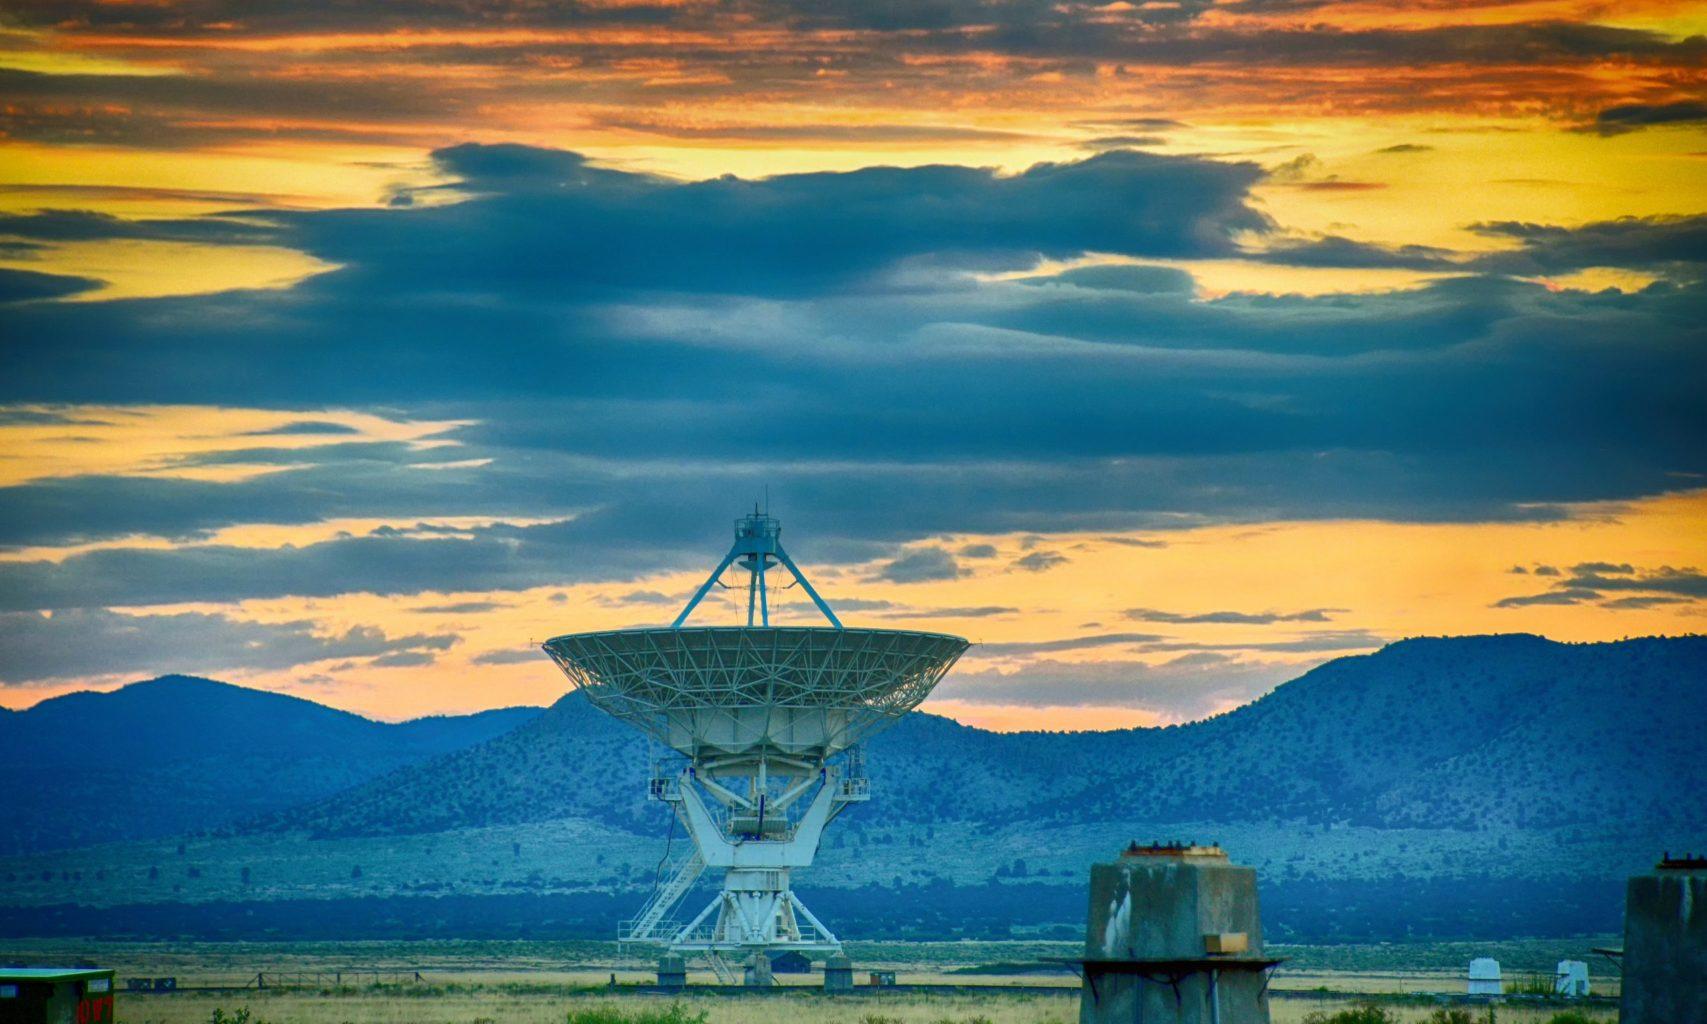 Ученые объявили об остановке проекта по поиску внеземного разума